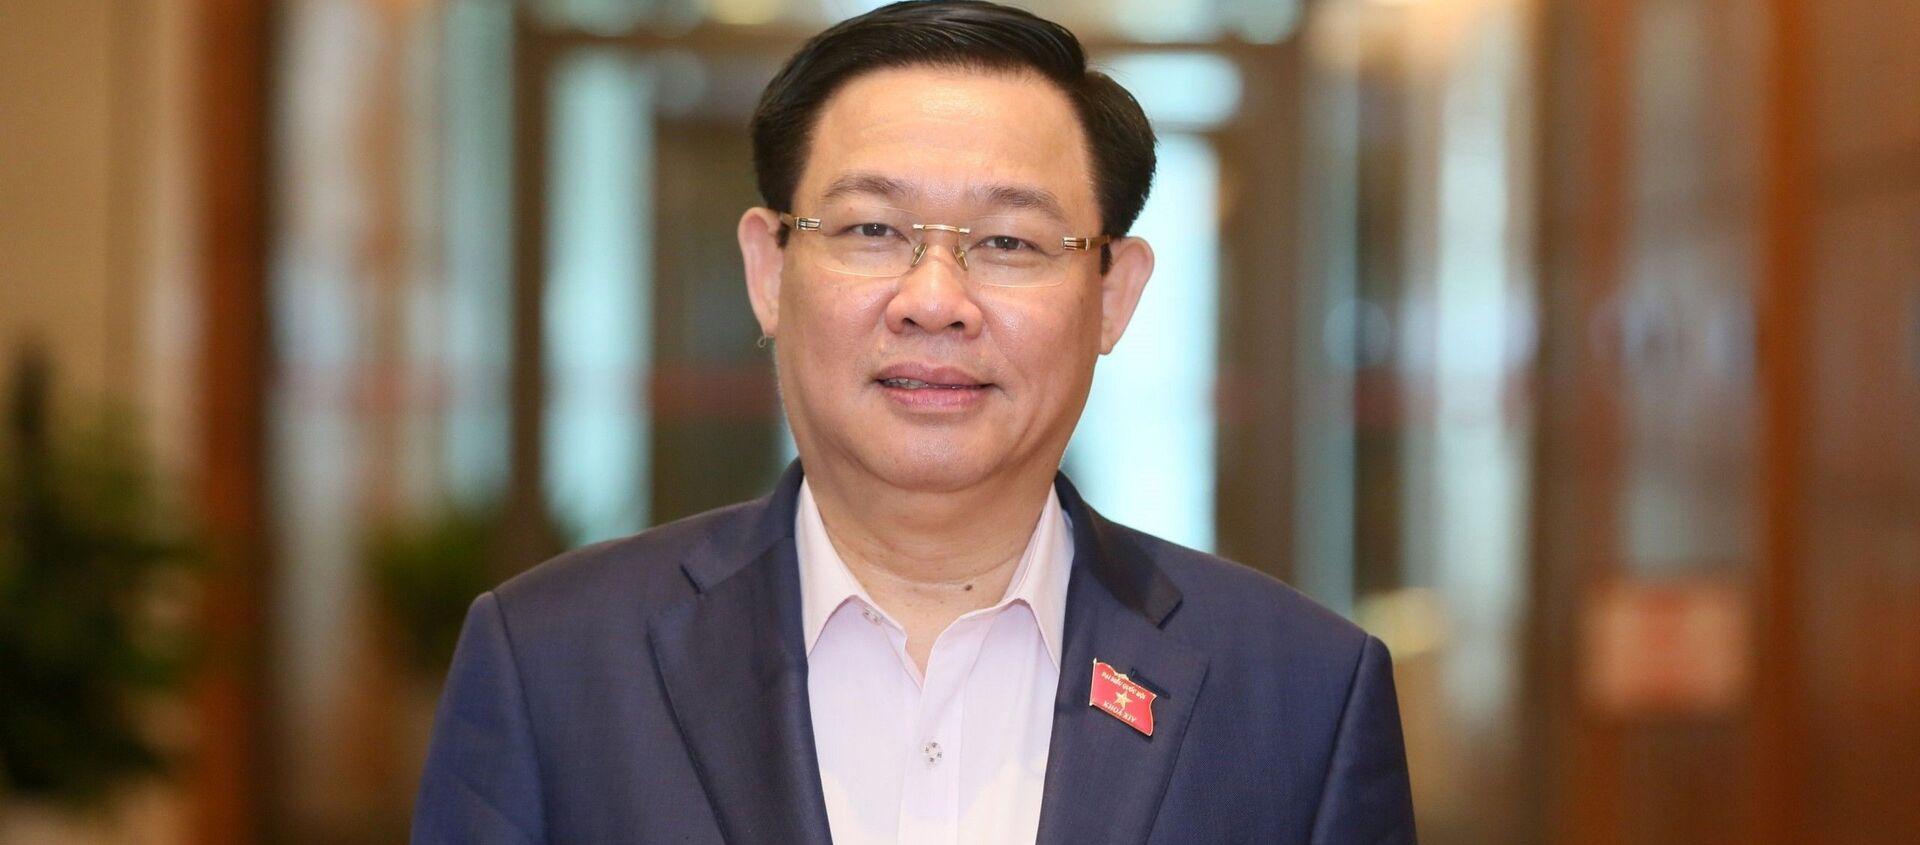 Đồng chí Vương Đình Huệ tiếp tục được bầu làm Bí thư Thành ủy Hà Nội khóa XVII, nhiệm kỳ 2020-2025 với số phiếu tuyệt đối. - Sputnik Việt Nam, 1920, 13.10.2020